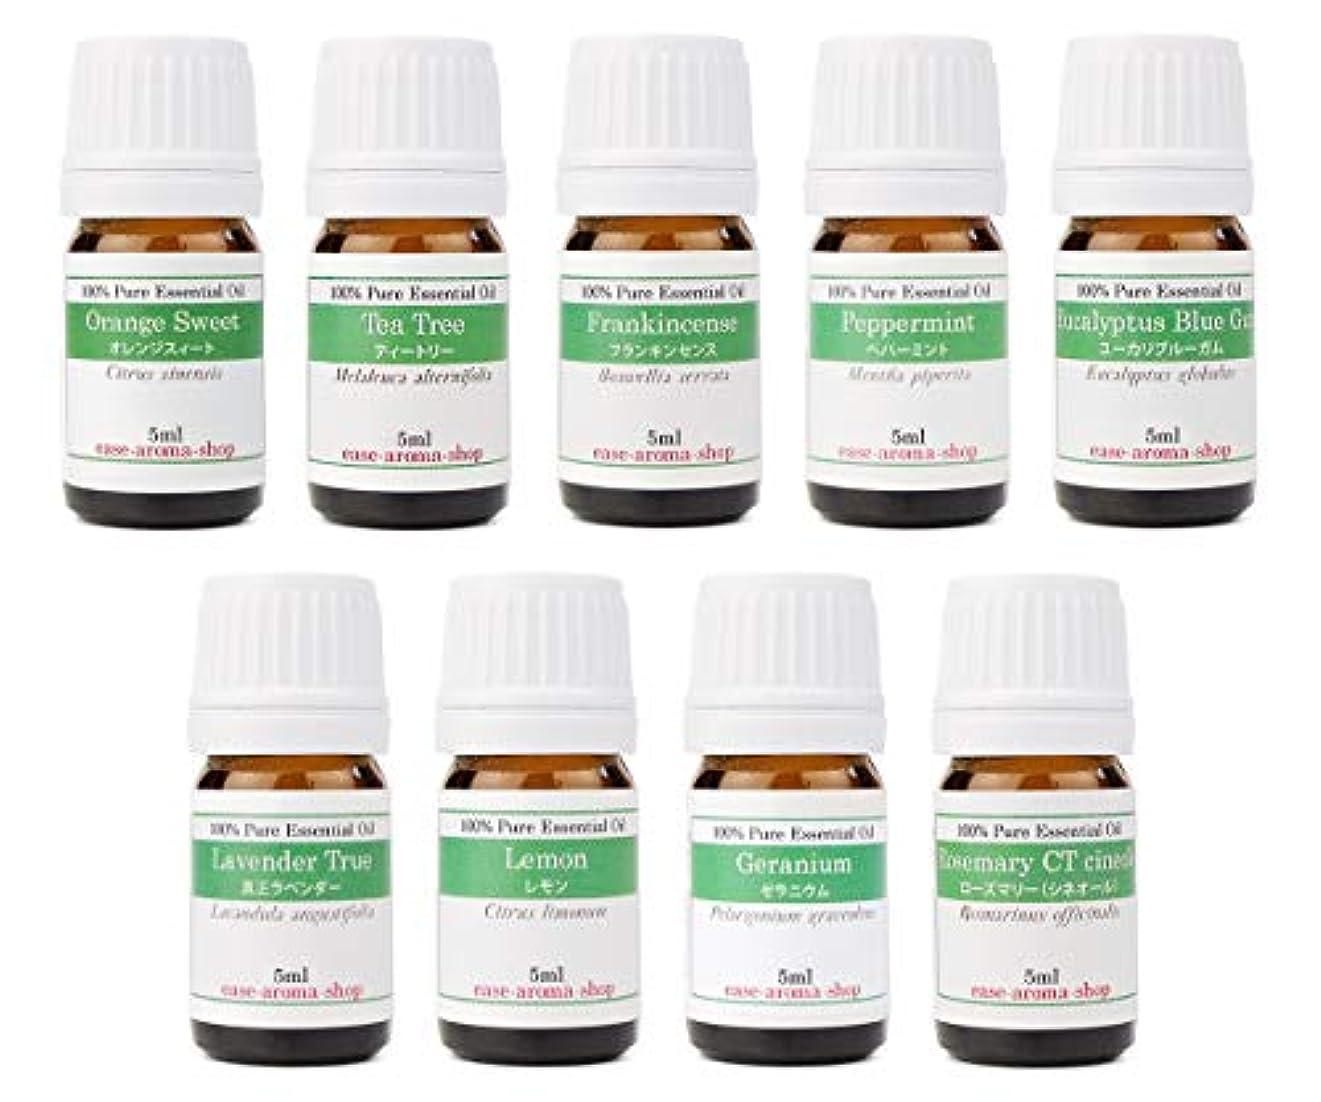 並外れて離婚名前で【2019年改訂版】ease AEAJアロマテラピー検定香りテスト対象精油セット 揃えておきたい基本の精油 2級 9本セット各5ml